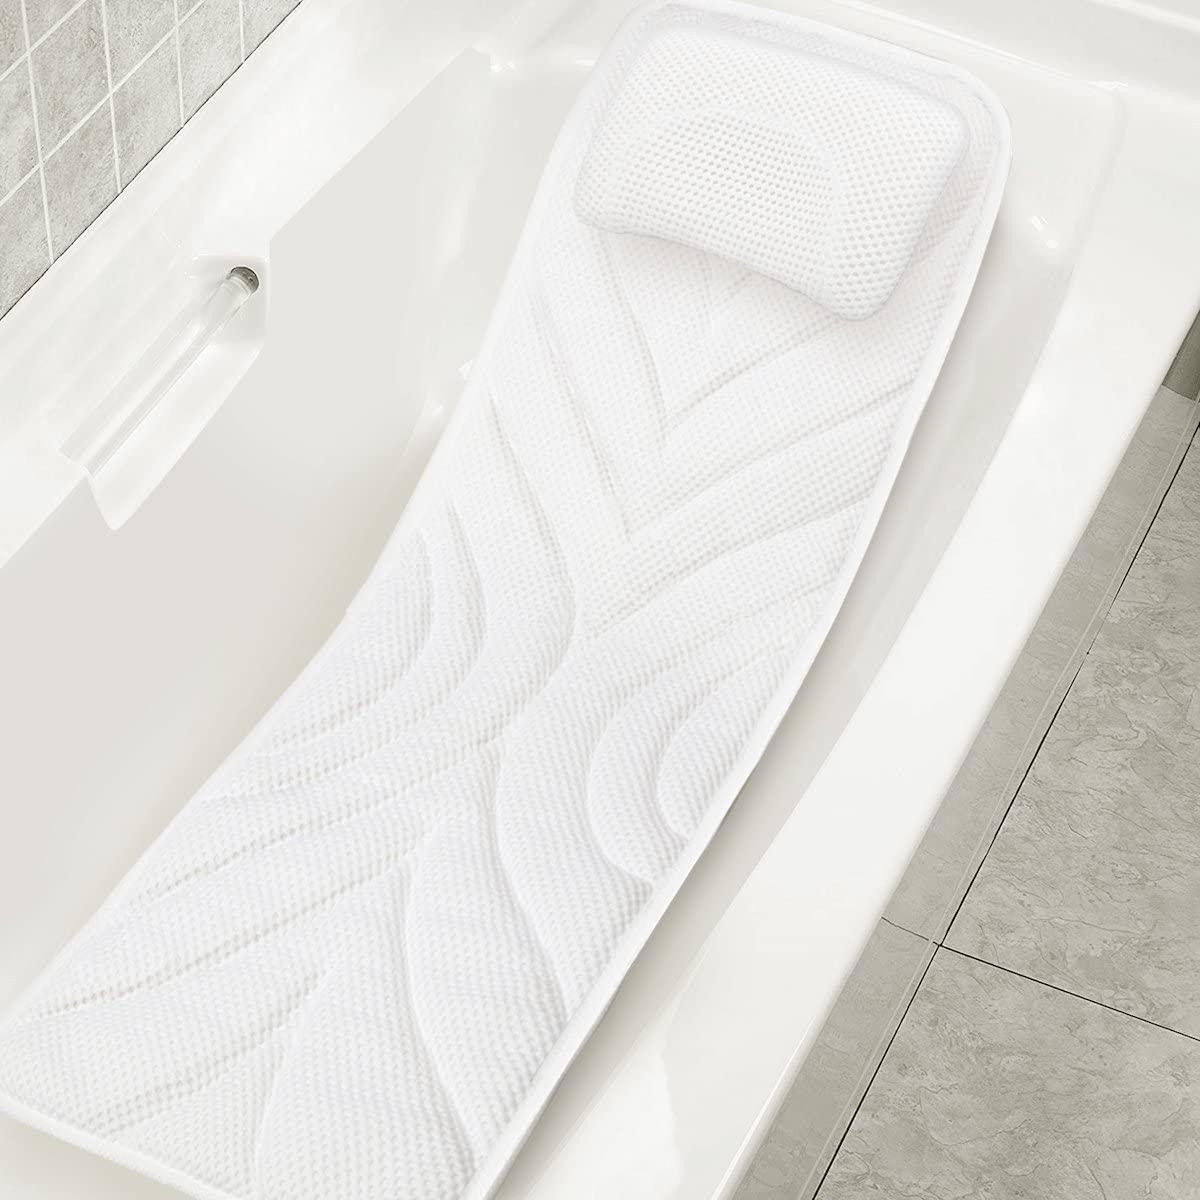 wosume Coussin de matelas pour matelas de bain spa corps complet tapis de bain matelass/é doux avec appui-t/ête respirant et confortable ventouses antid/érapantes